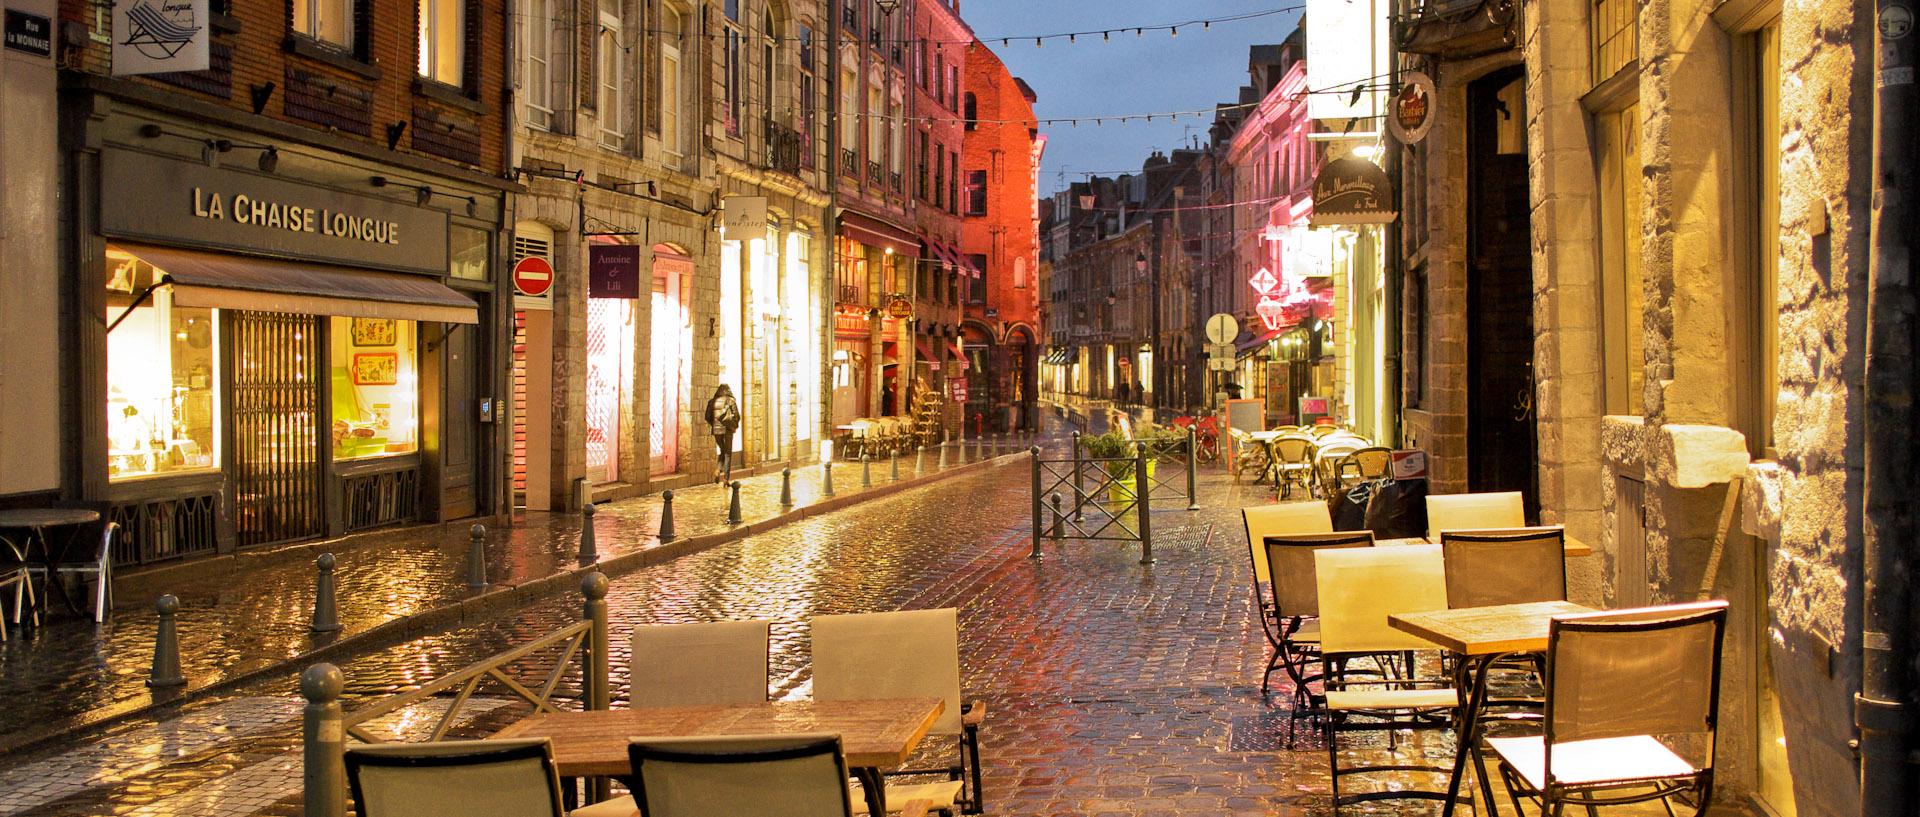 Une rue du Vieux Lille, sous la pluie, la nuit - A street of Vieux Lille, in the rain, at night